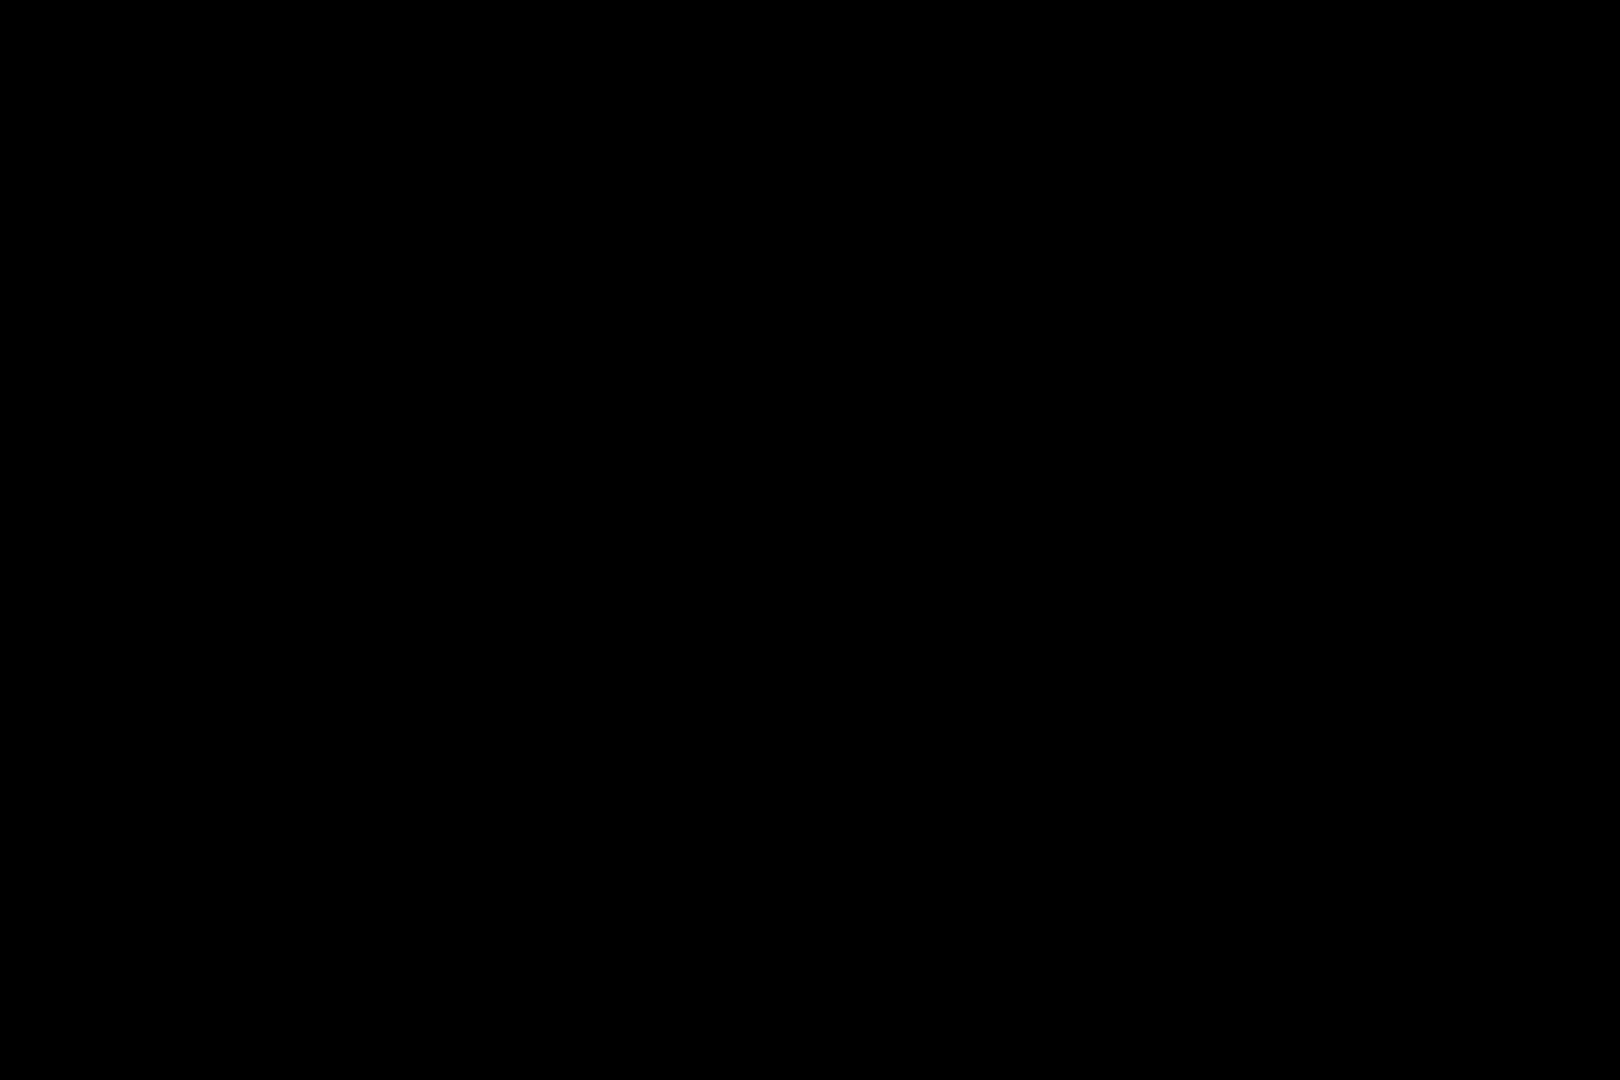 ファンキーな黒人さん!!BLACK POWER 01 フェラ 男同士画像 98枚 71